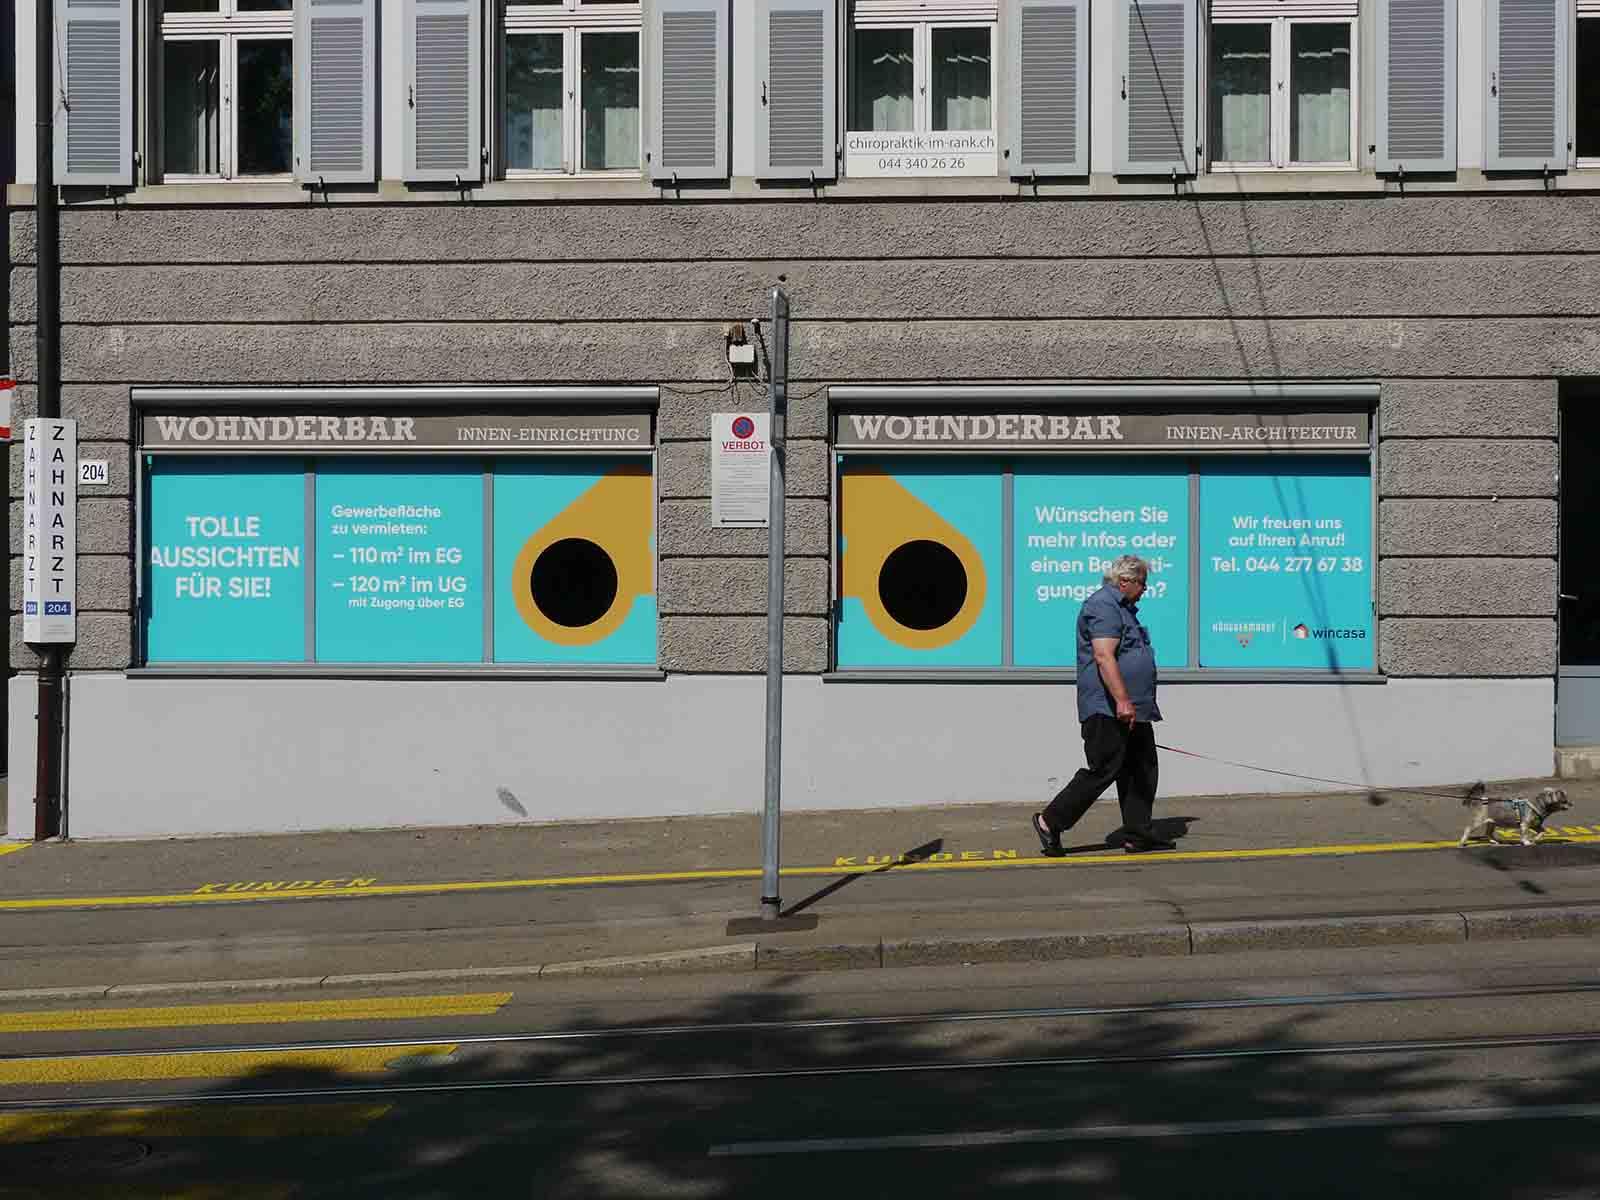 Leere Läden sind zum Vorbeigehen: Mieter gesucht an der Limmattalstrasse 204.